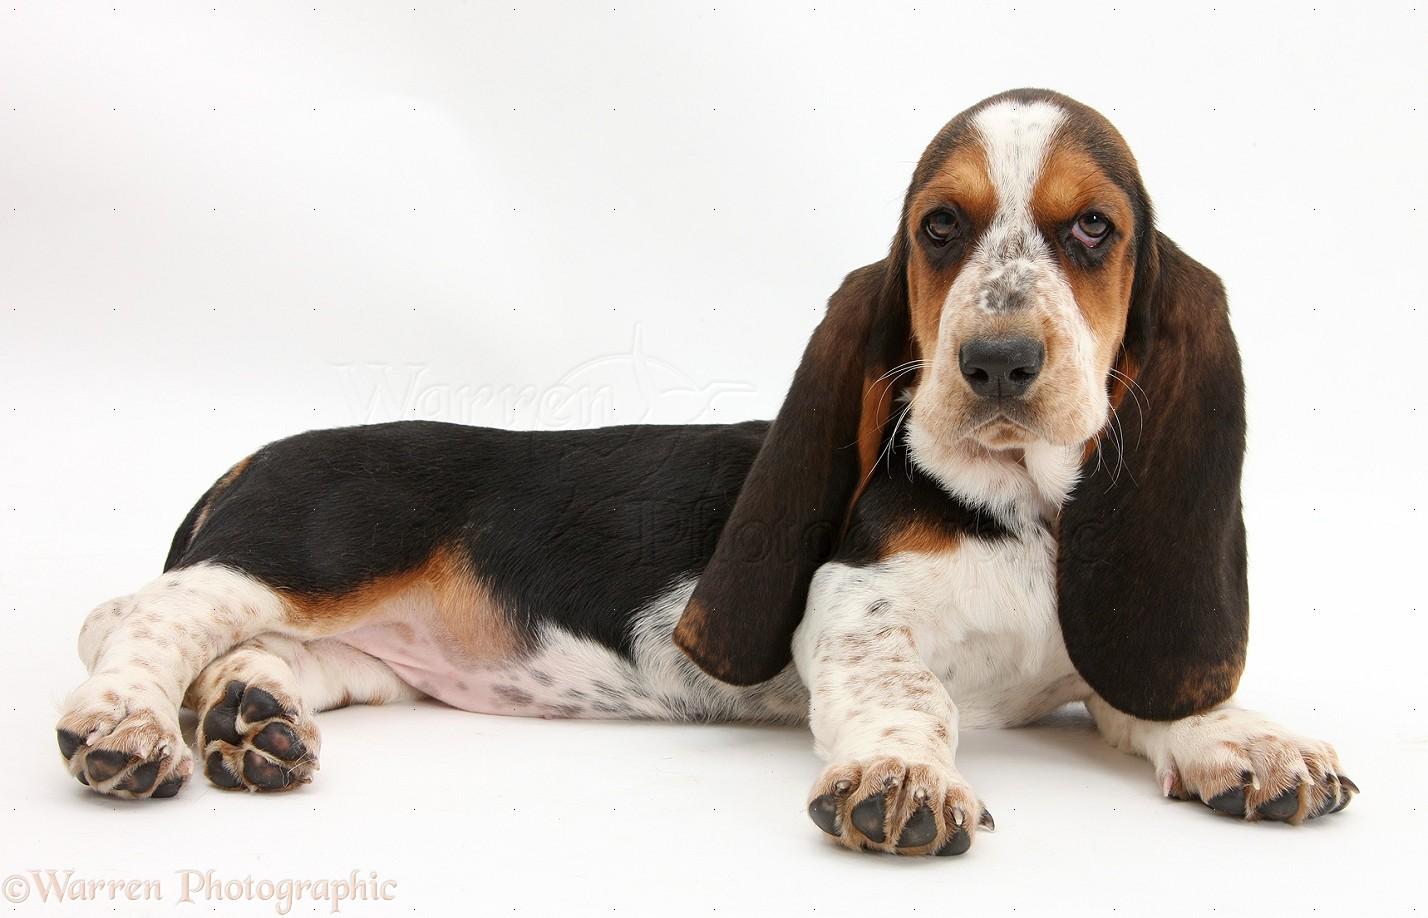 Dog Basset Hound Pup Photo WP39916